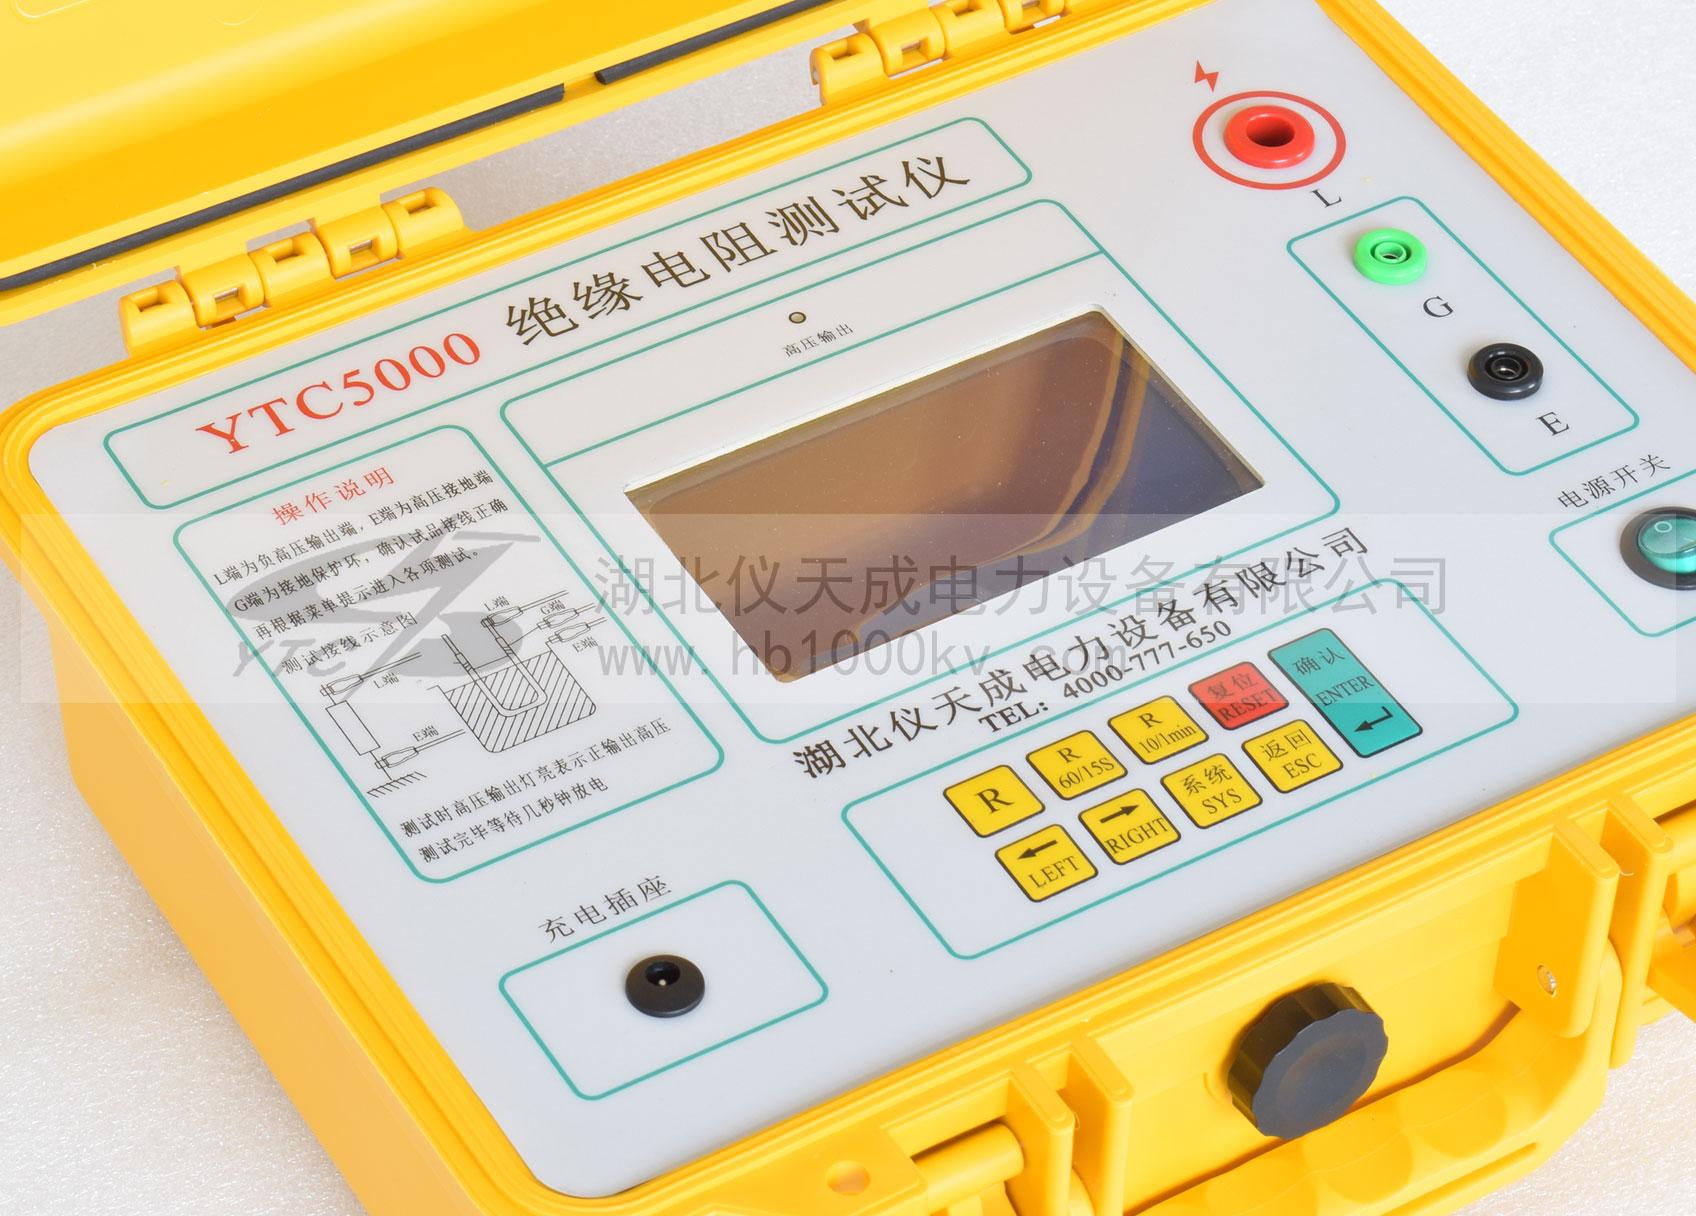 YTC5000智能绝缘电阻测试仪面板图